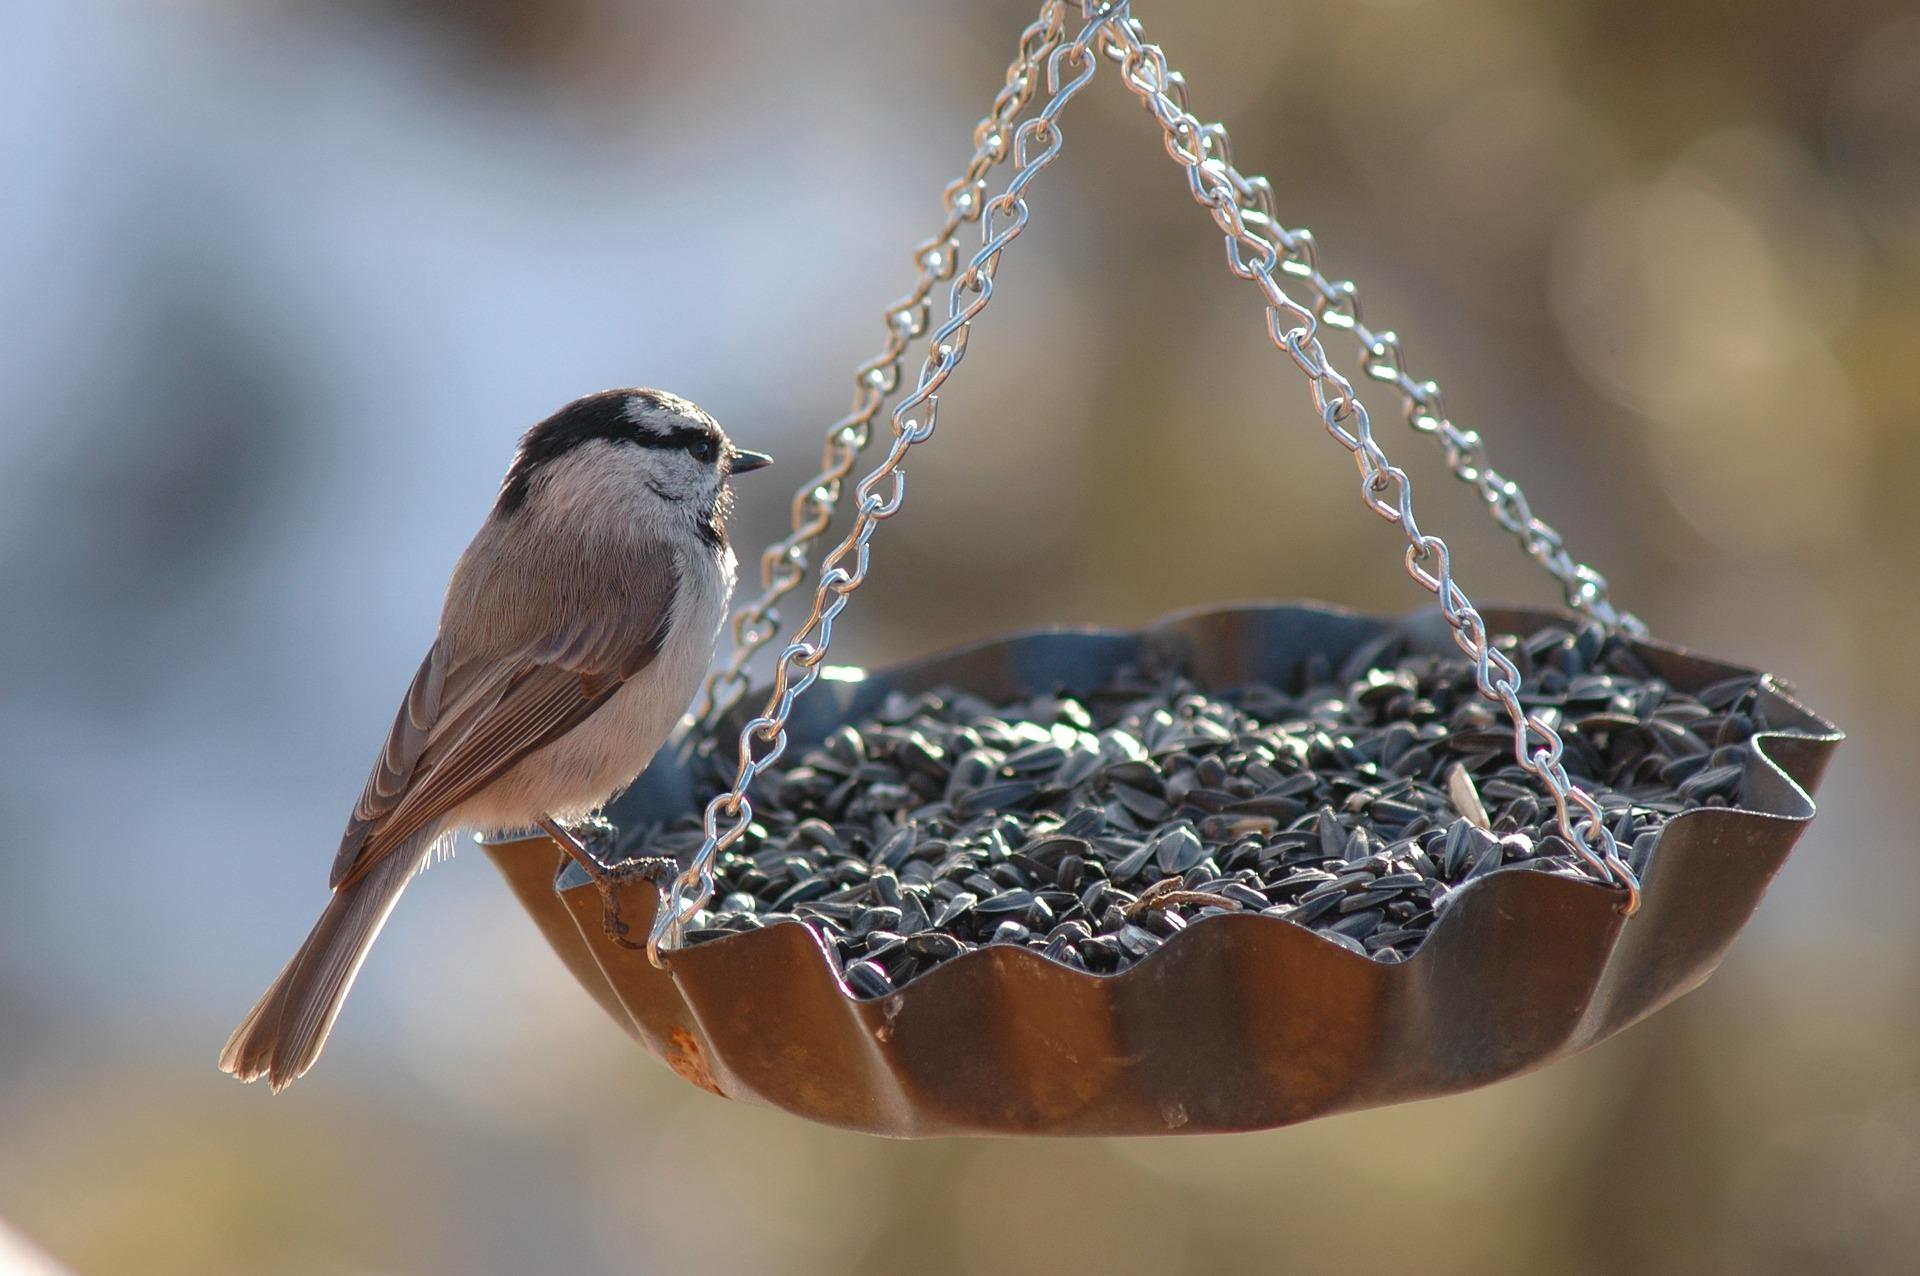 Créer des mangeoires pour les oiseaux